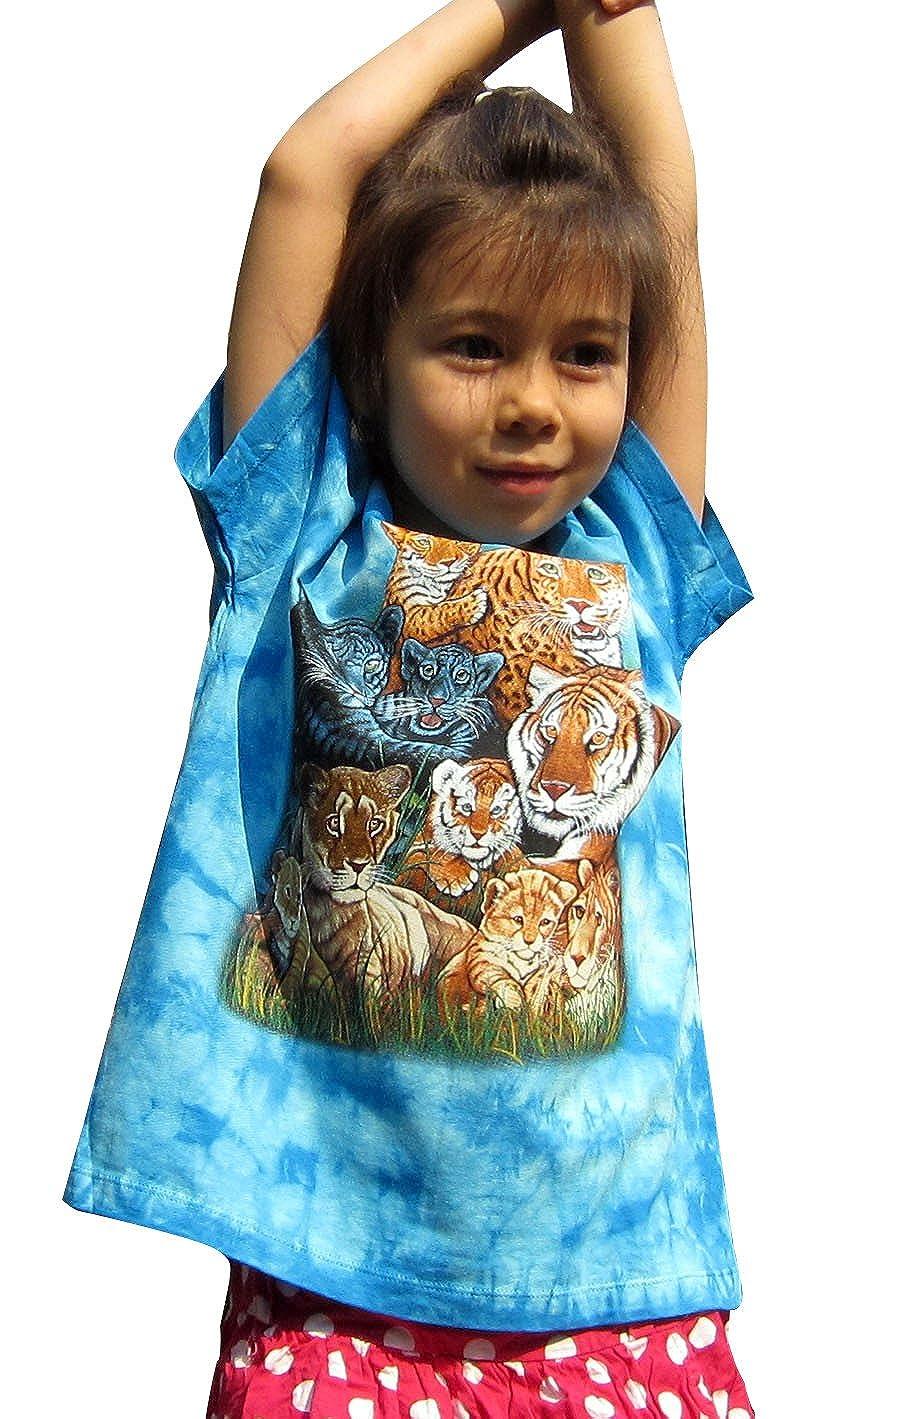 2019特集 Raan Pah Muang SHIRT SHIRT ボーイズ Small Raan Muang ディープスカイブルー B01C1EAHNC, V-Stella:6337992c --- a0267596.xsph.ru